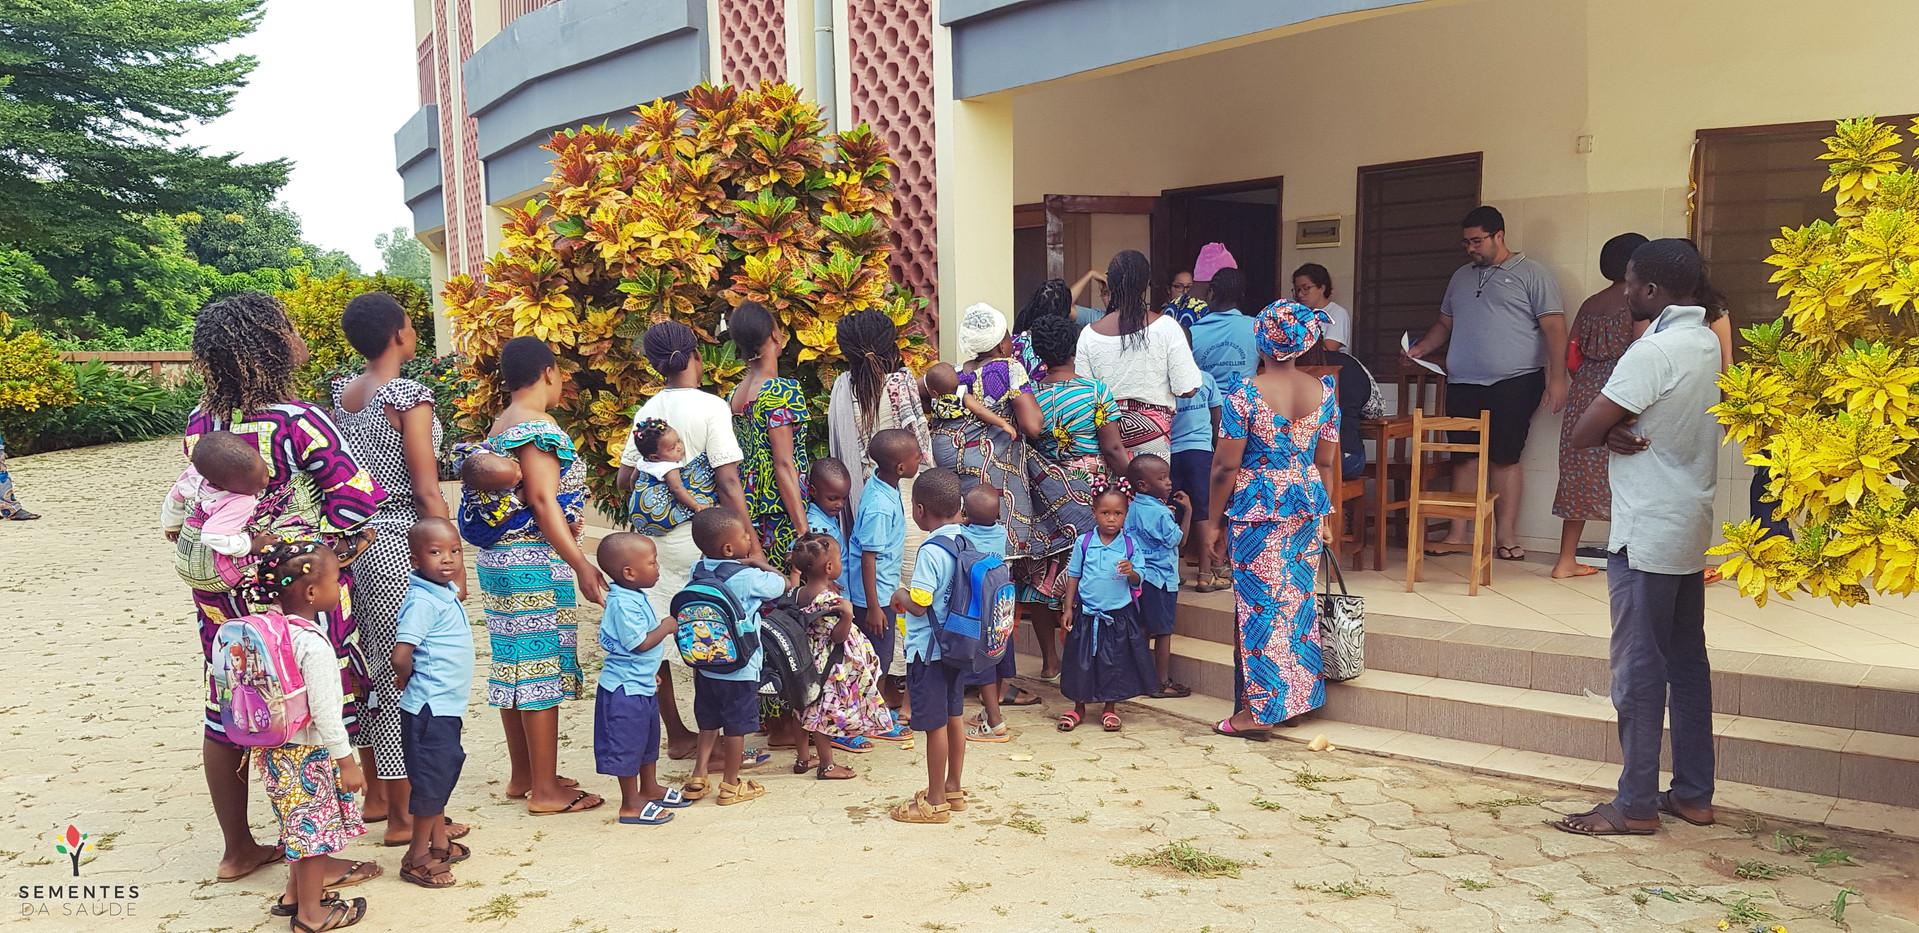 ONG_Sementes_da_Saude_124_Missão_Benin_2